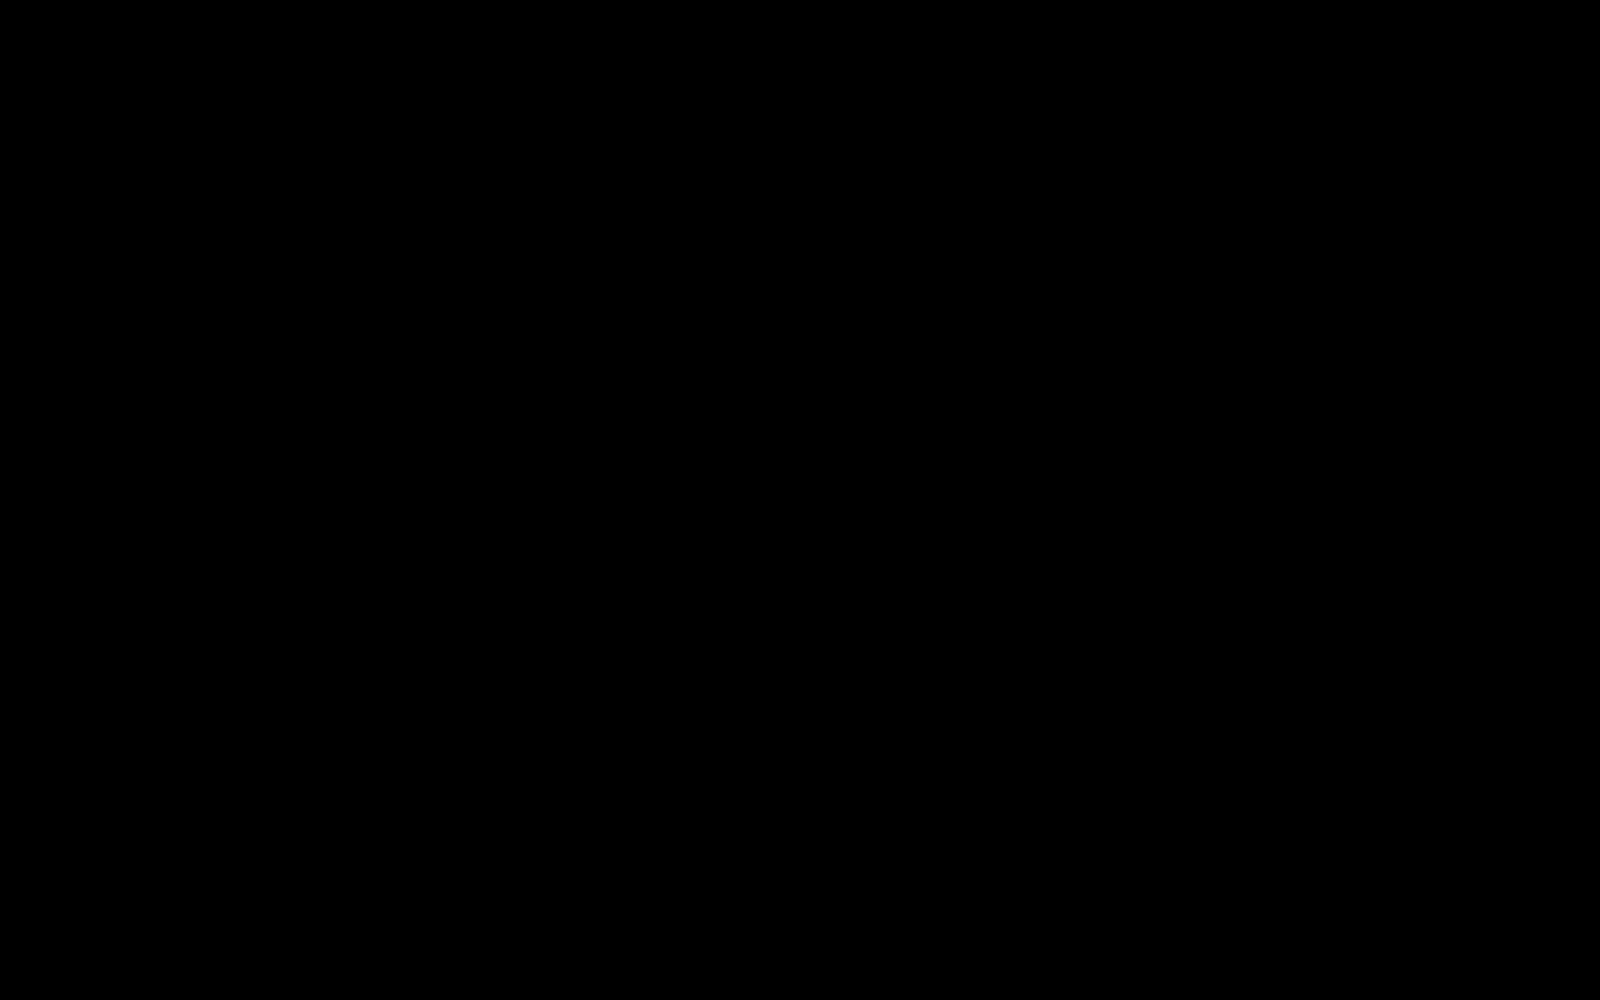 pf-logo-dayflex